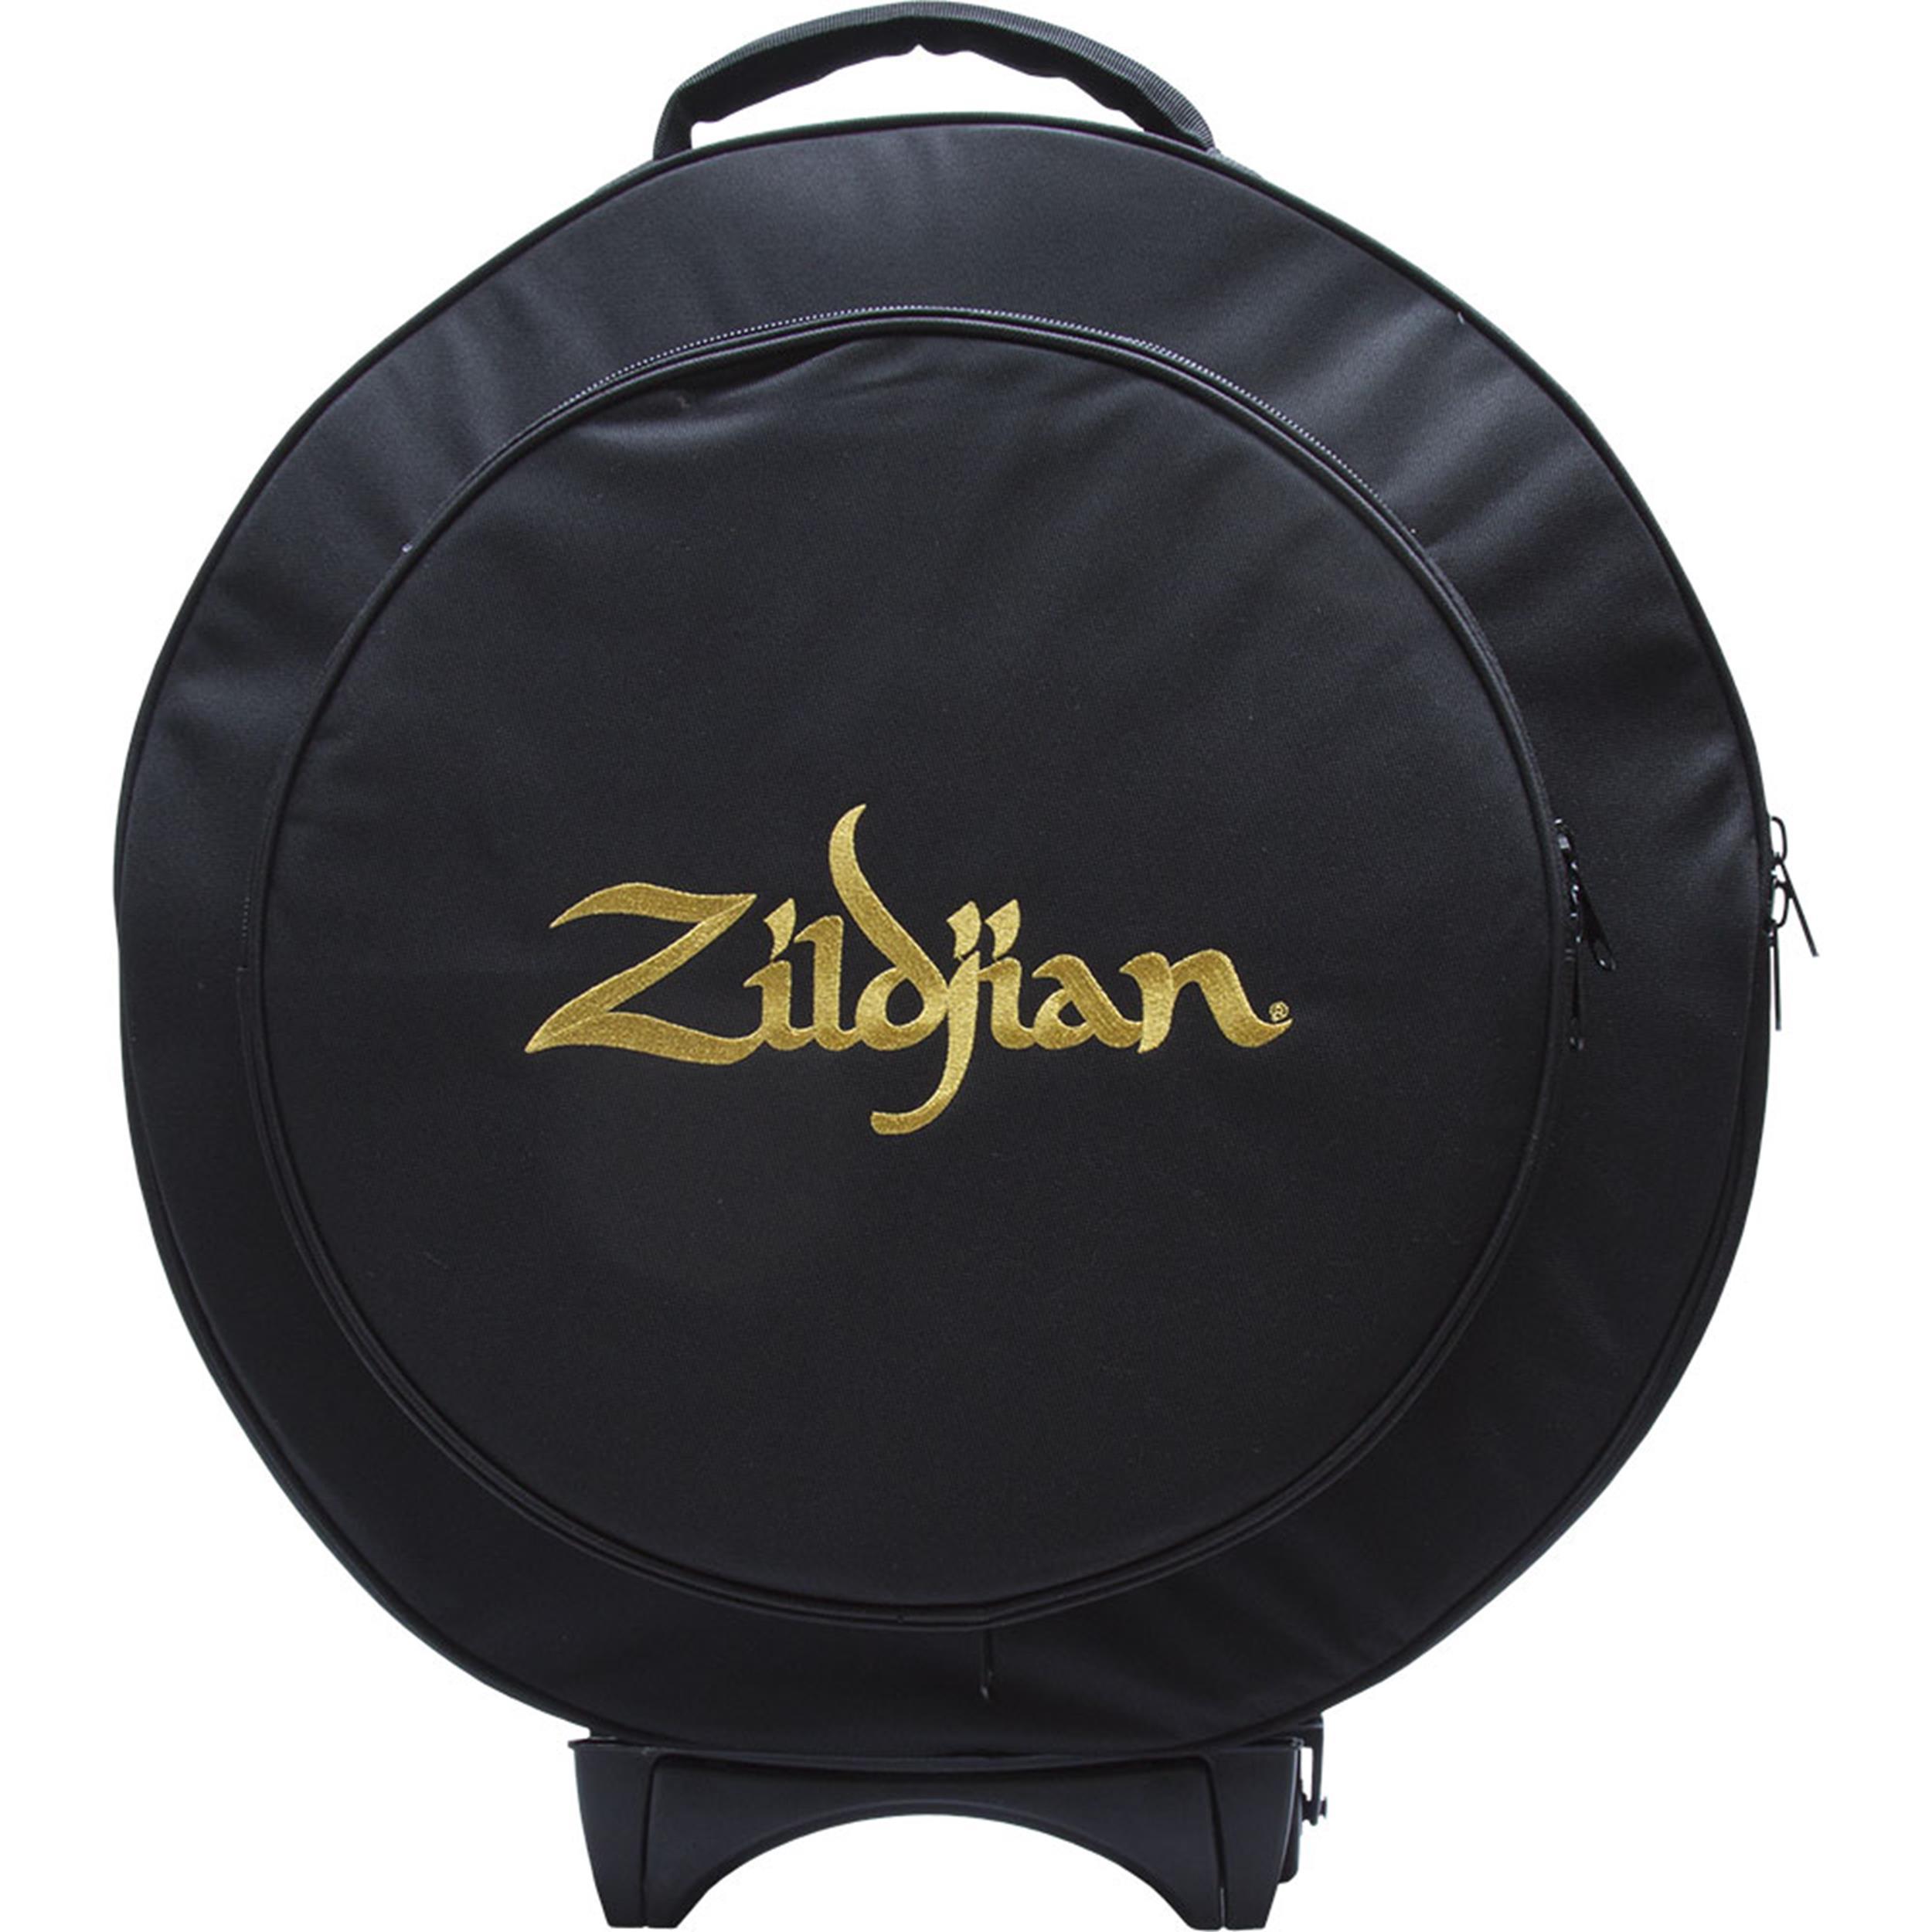 Zildjian Borsa piatti Premium 22 c/ruote